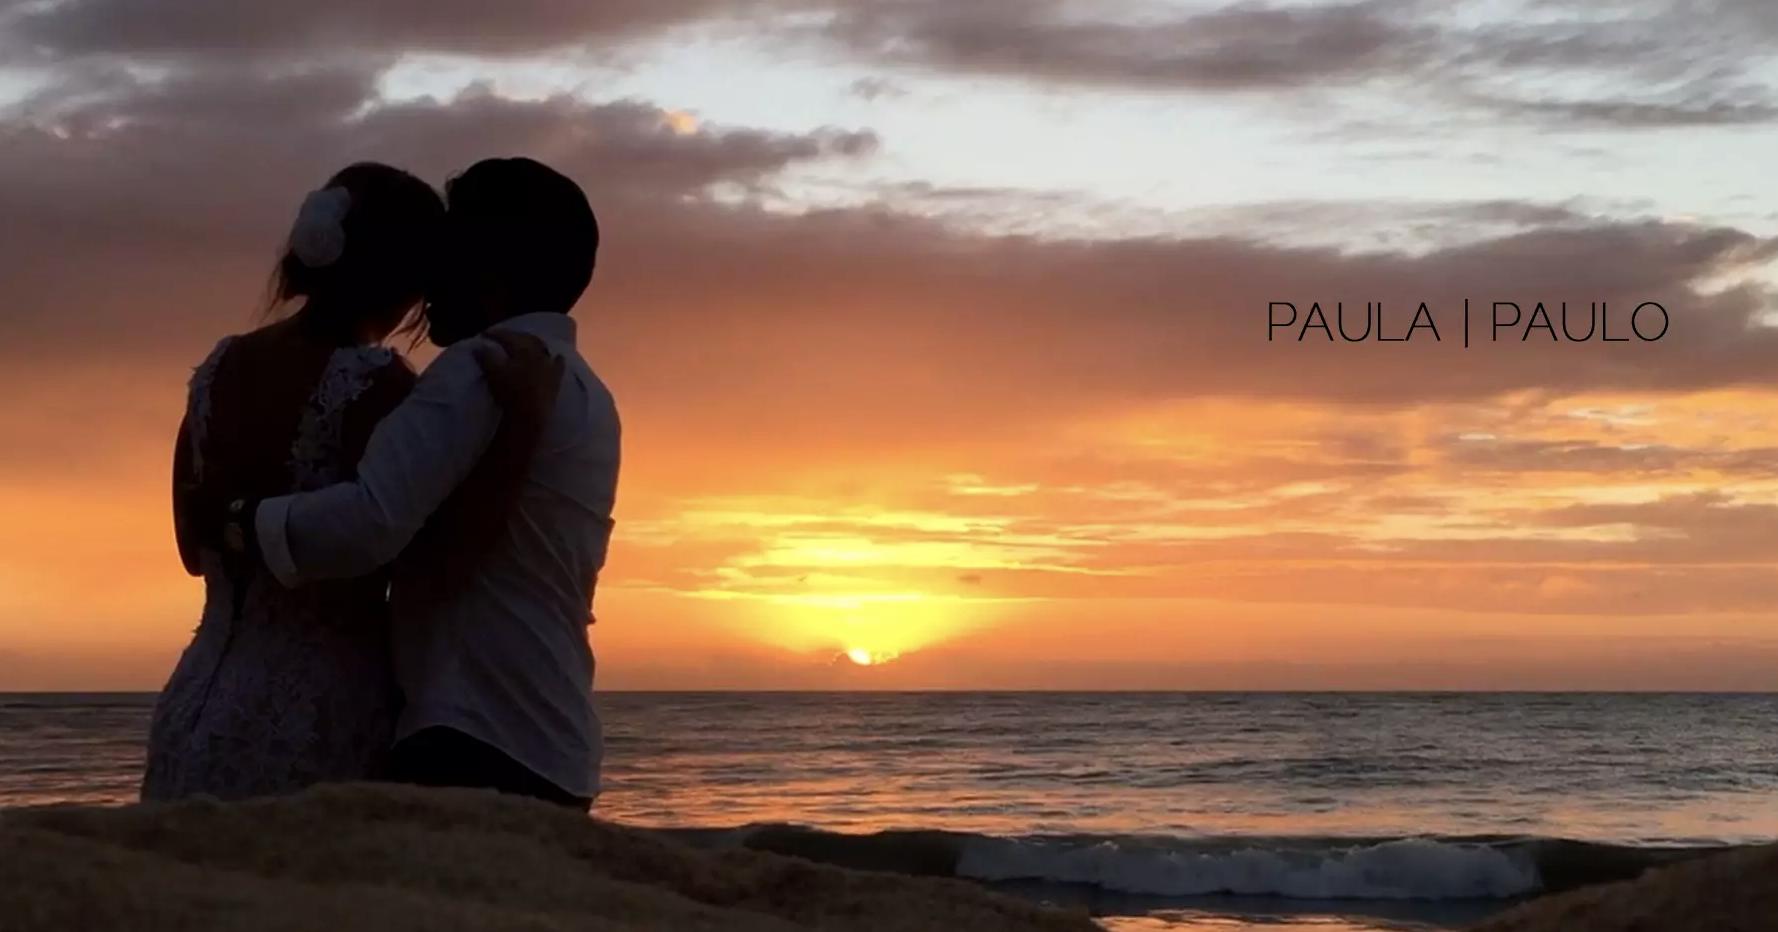 Paula e Paulo